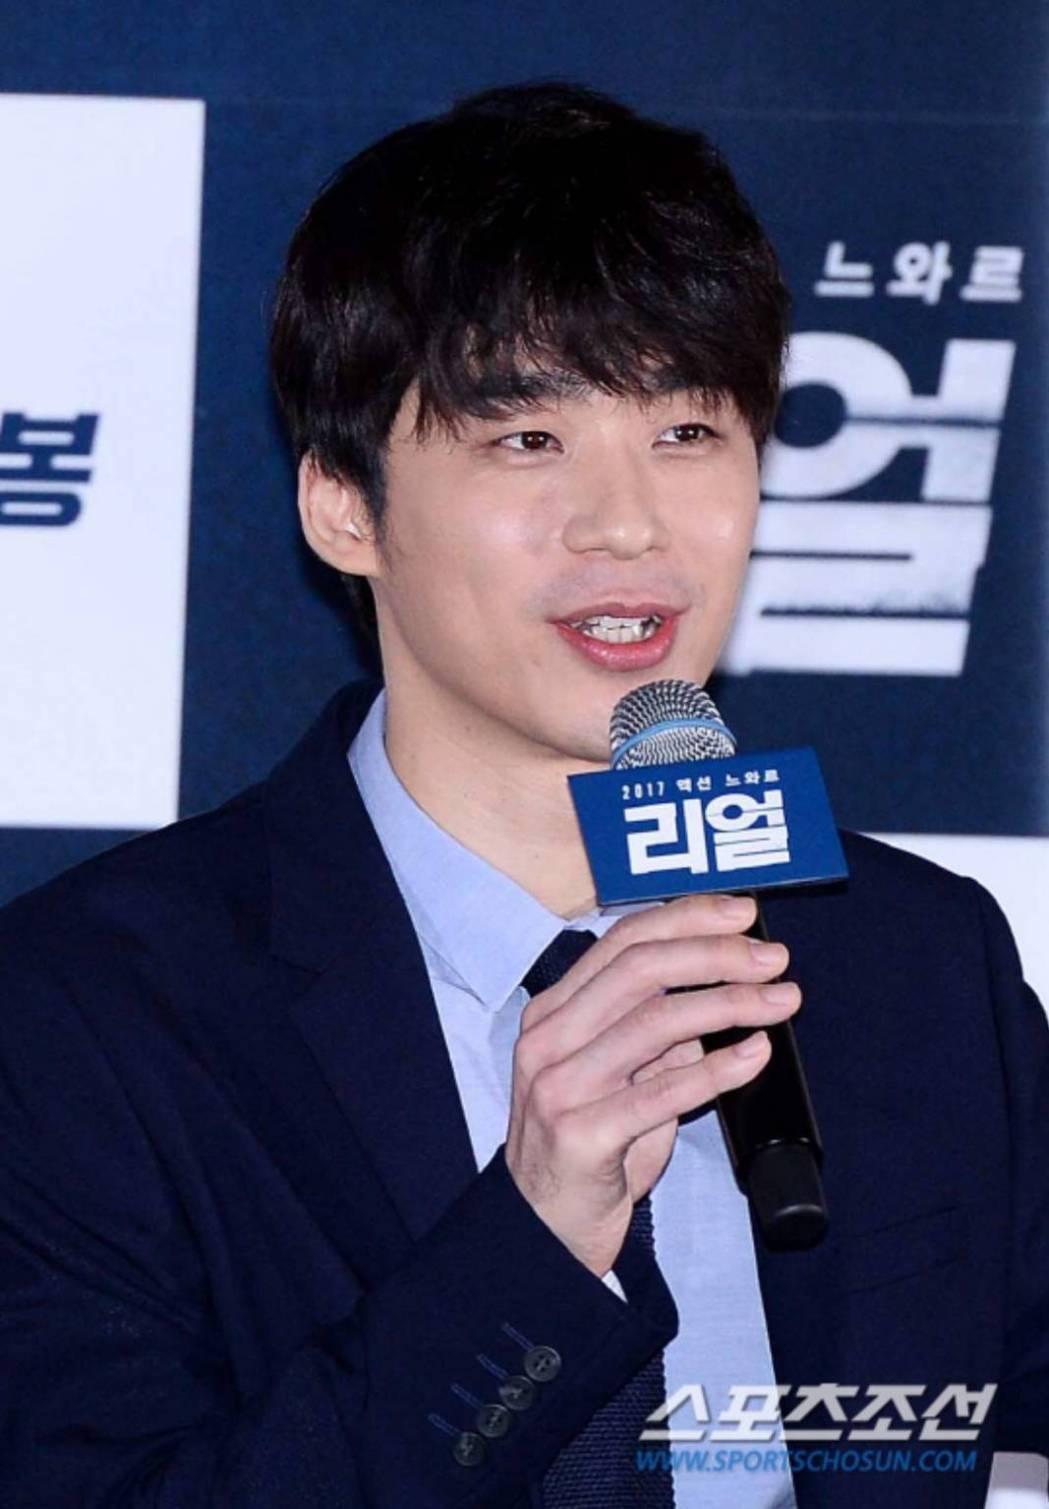 李沙朗是金秀賢的表哥。圖/摘自朝鮮體育